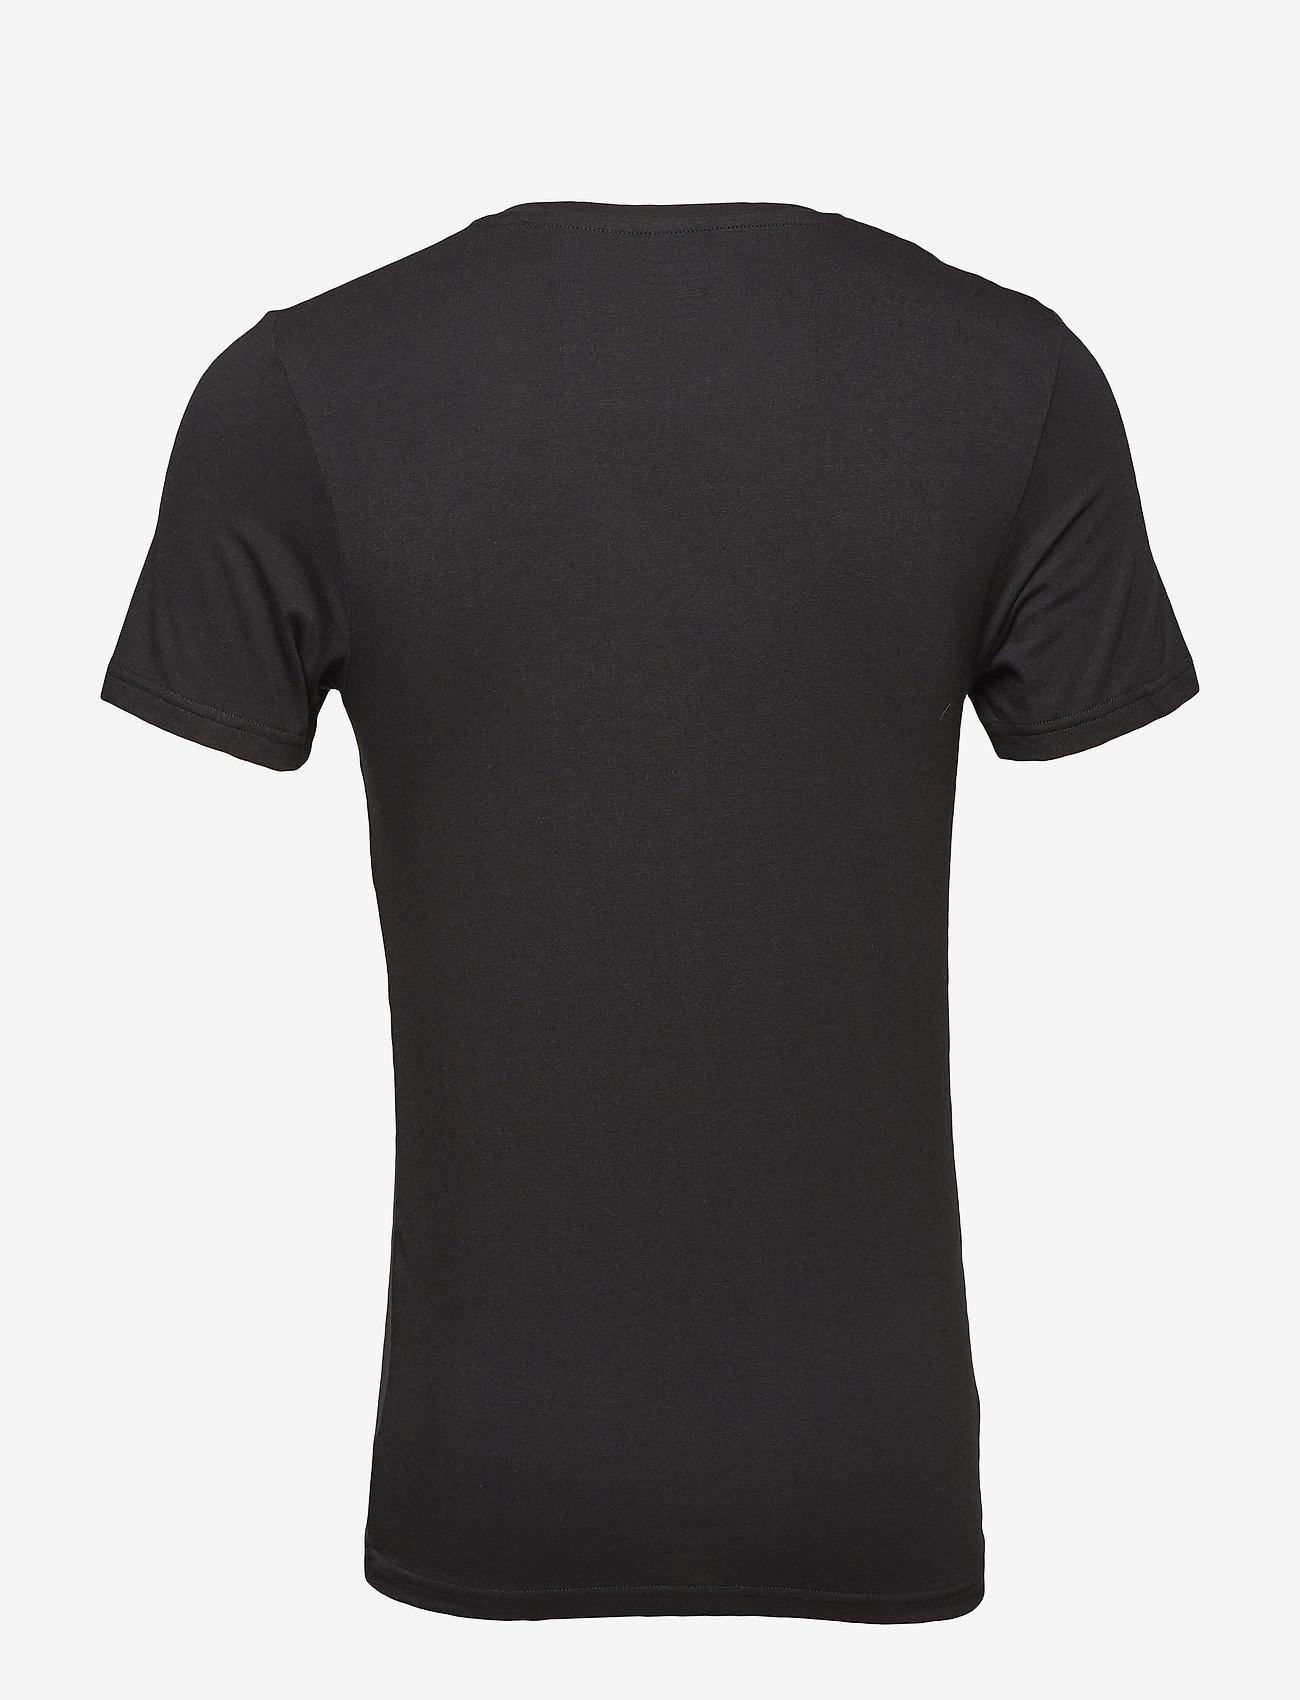 JBS JBS 2-pack V-neck bamboo - T-skjorter BLACK - Menn Klær